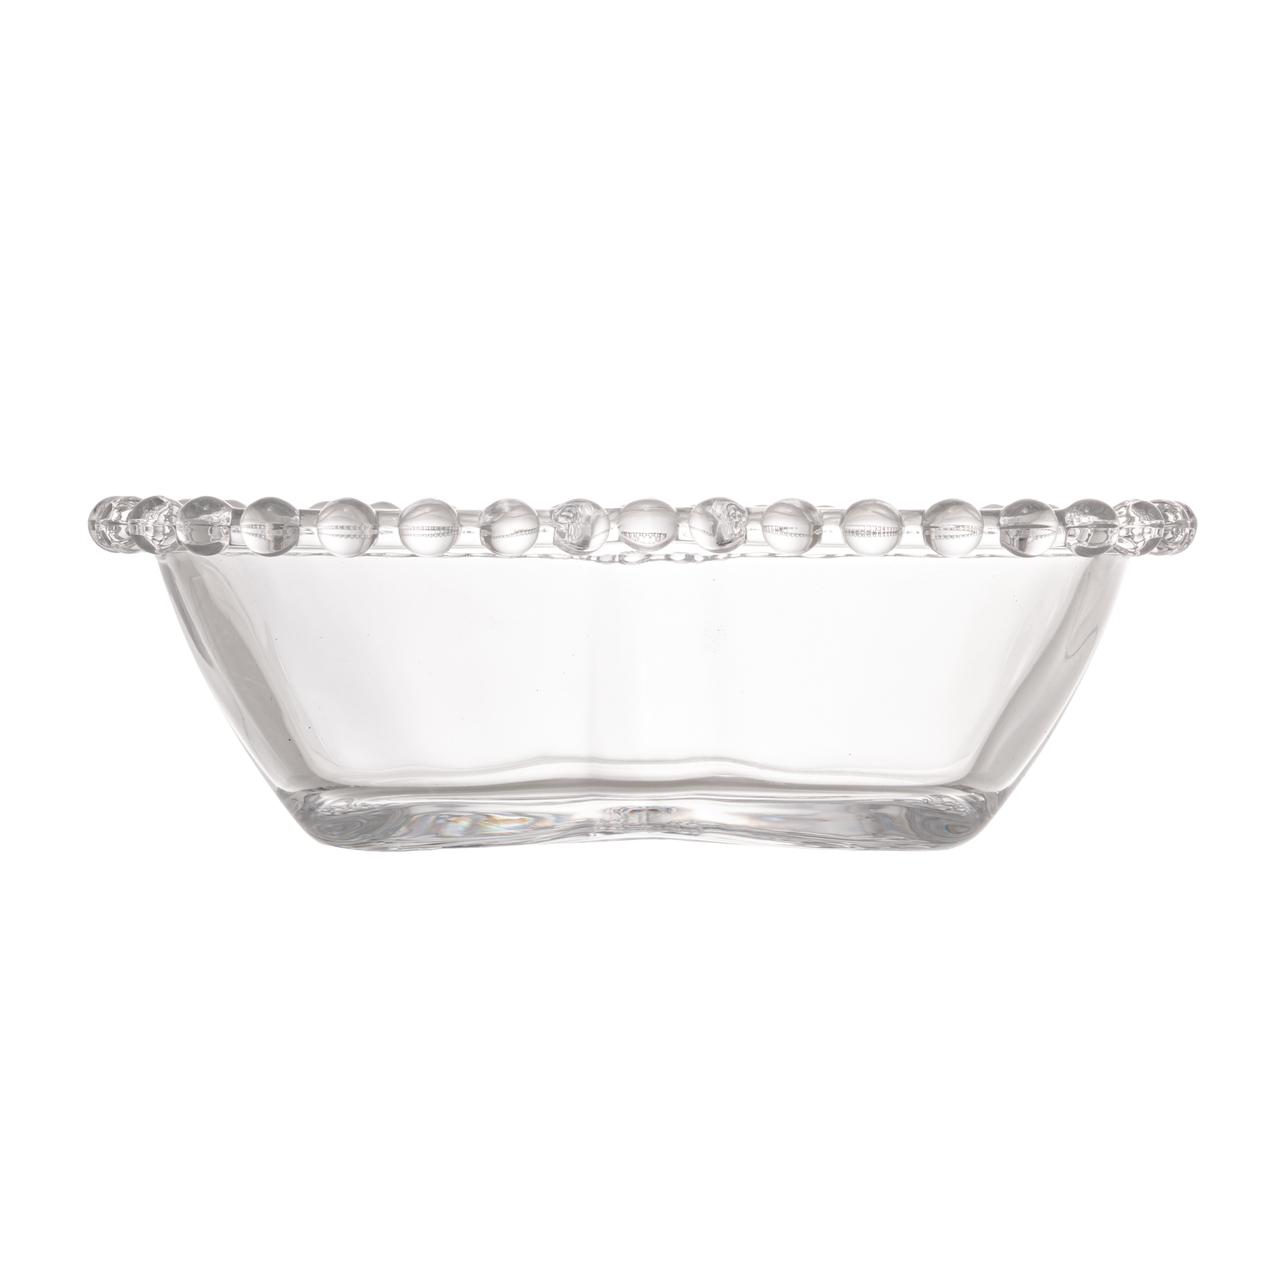 Jogo 4 bowls 12 de cristal transparente Coração Pearl Wolff - 28375